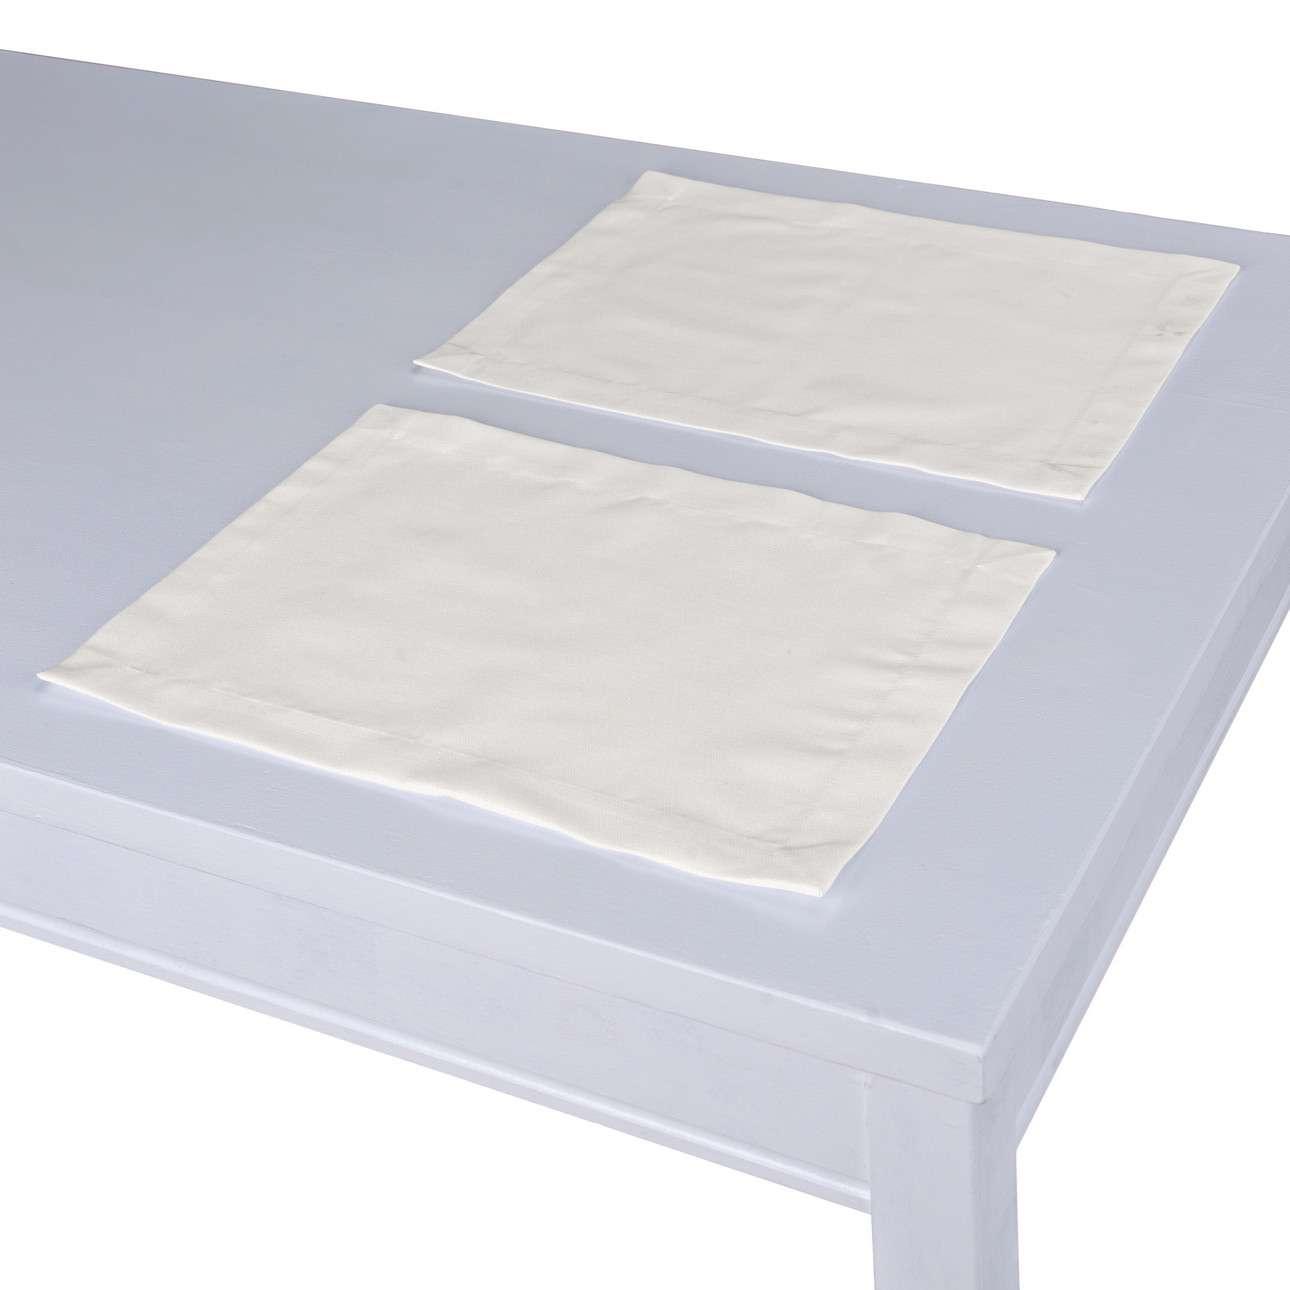 Podkładka 2 sztuki 30x40 cm w kolekcji Cotton Panama, tkanina: 702-34